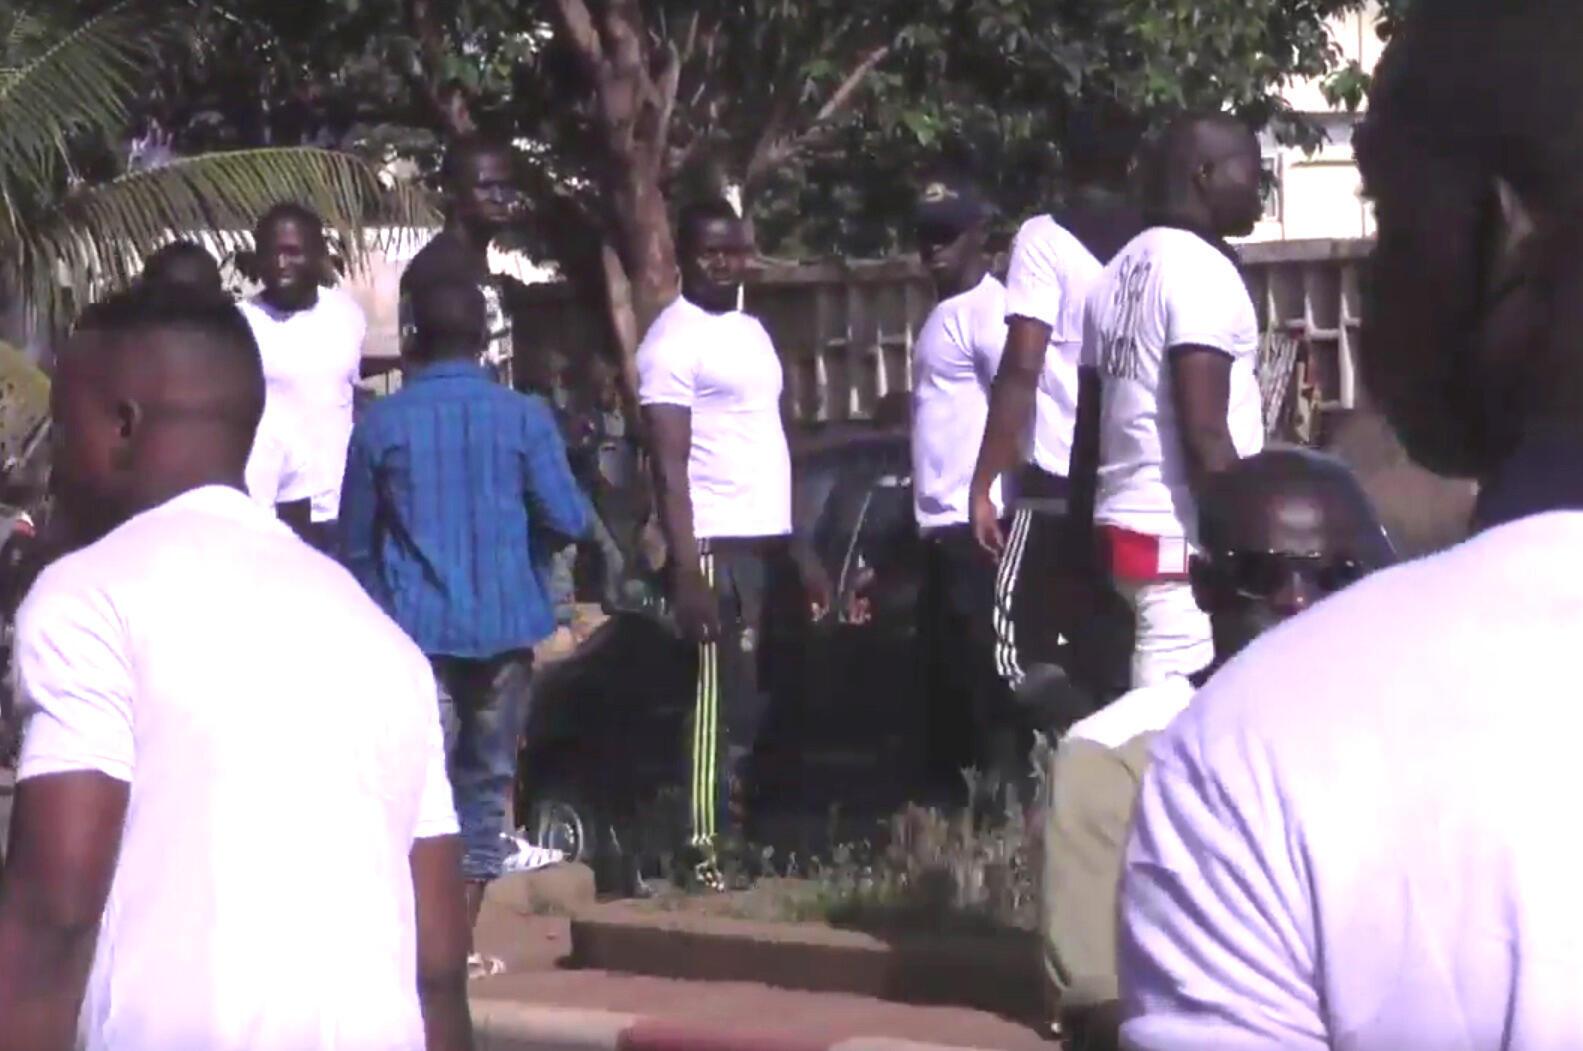 Des hommes en T-shirt blancs, plutôt musclés, ont empêché la tenue d'une manifestation contre l'ORTM, la télévision d'état malienne le 19 juillet. Capture d'écran vidéo Anthony Fouchard.